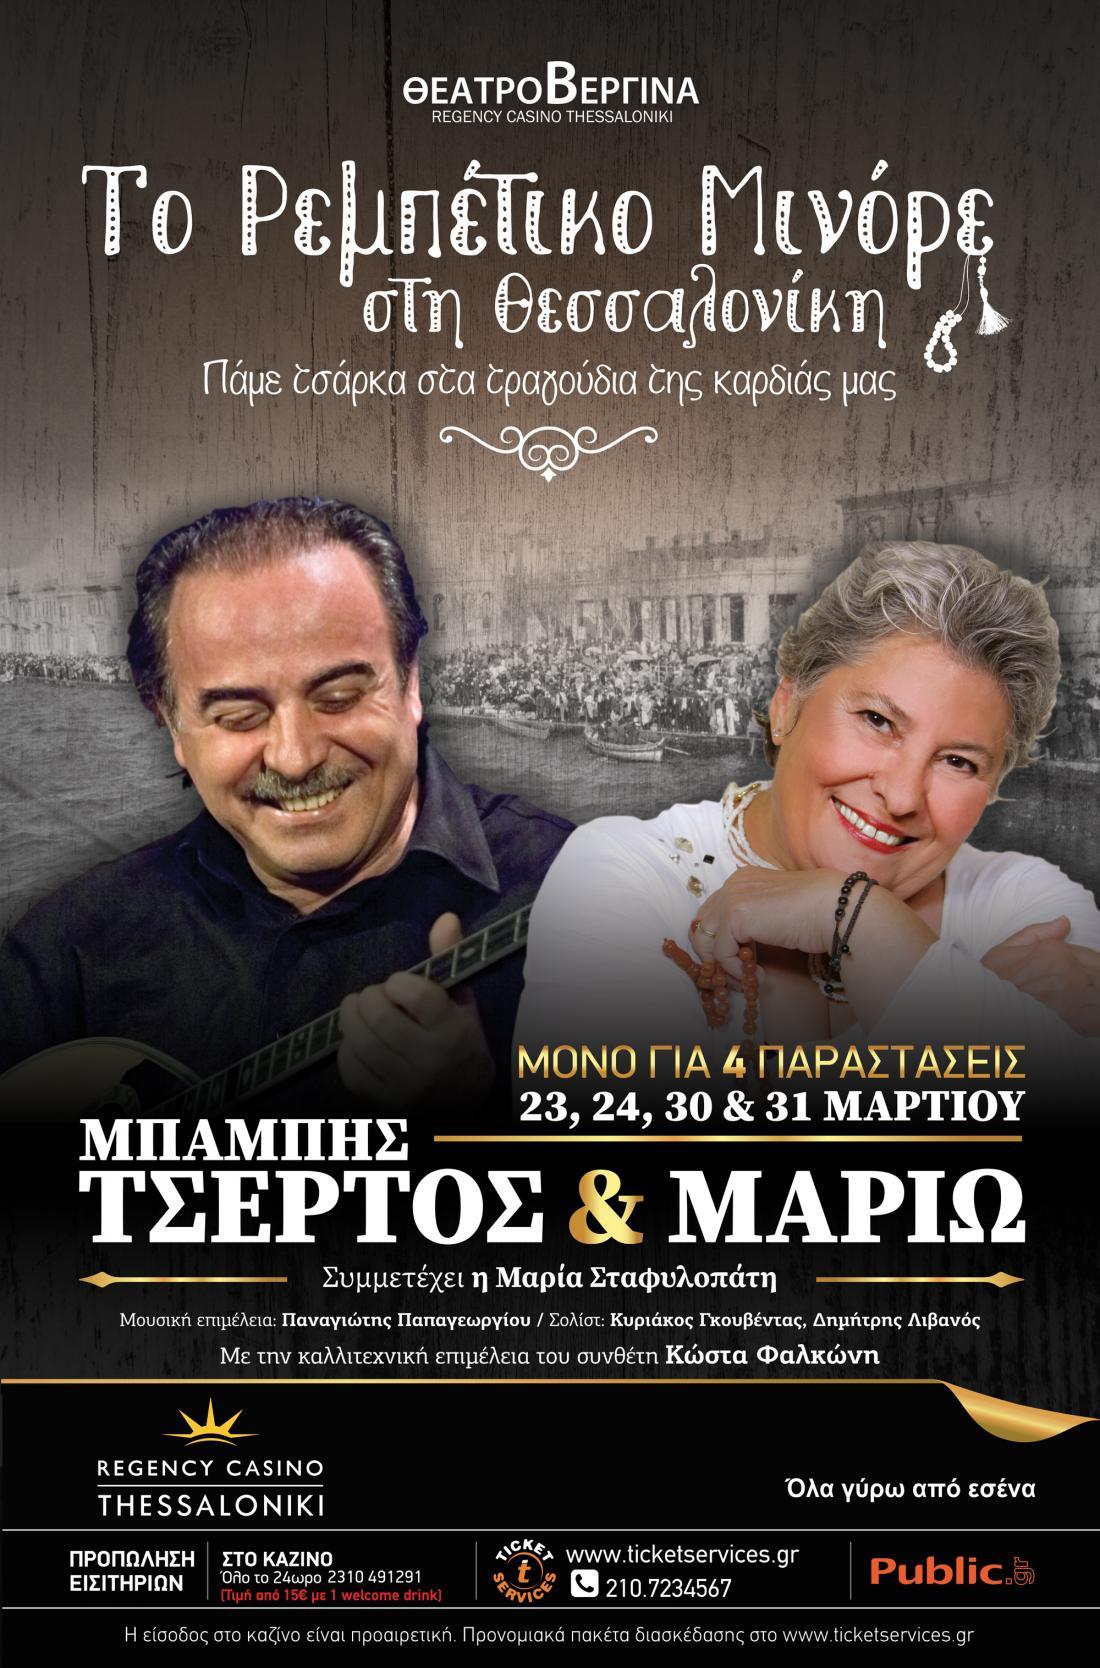 Πάμε τσάρκα στα τραγούδια της καρδιάς μας  με τον Μπάμπη Τσέρτο & την Μαριώ στο Θέατρο Βεργίνα, Regency Casino Thessaloniki